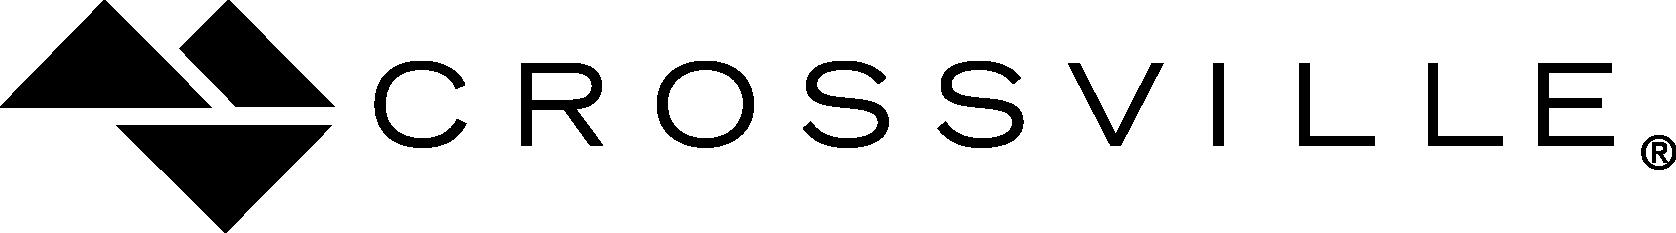 crossville logo_Black.png